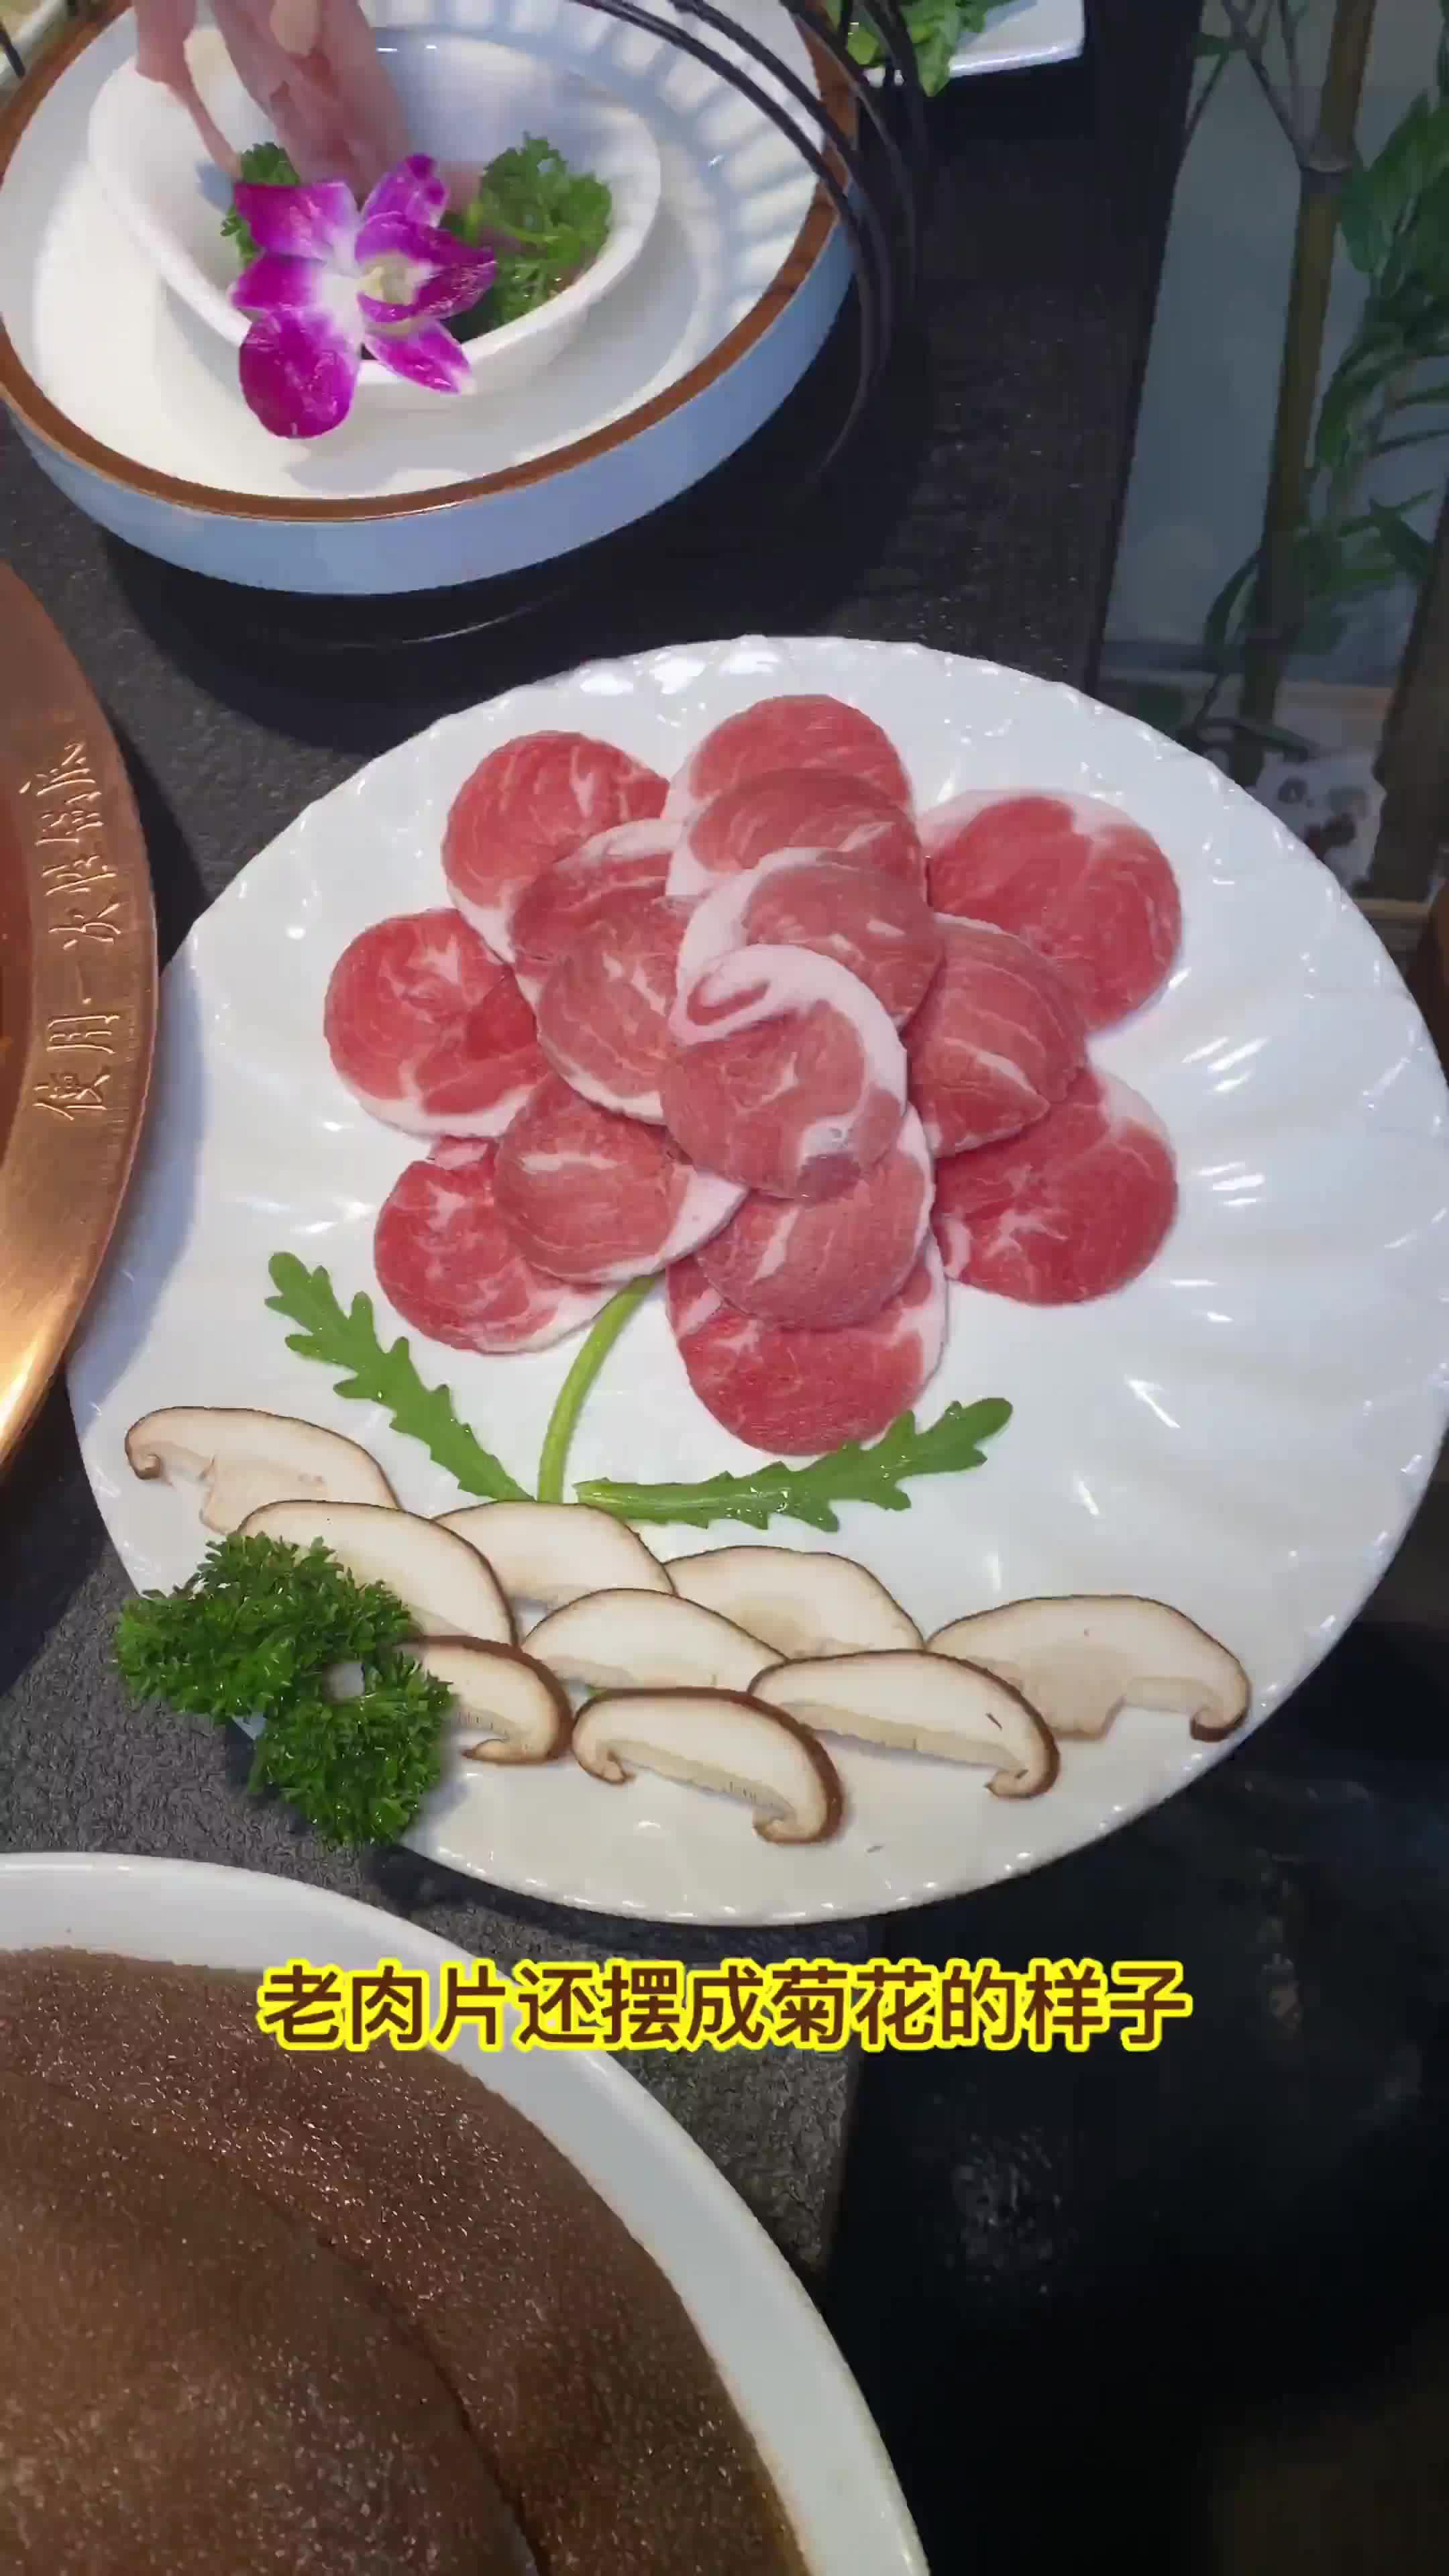 西安最美火锅 不但好吃还很实惠哦